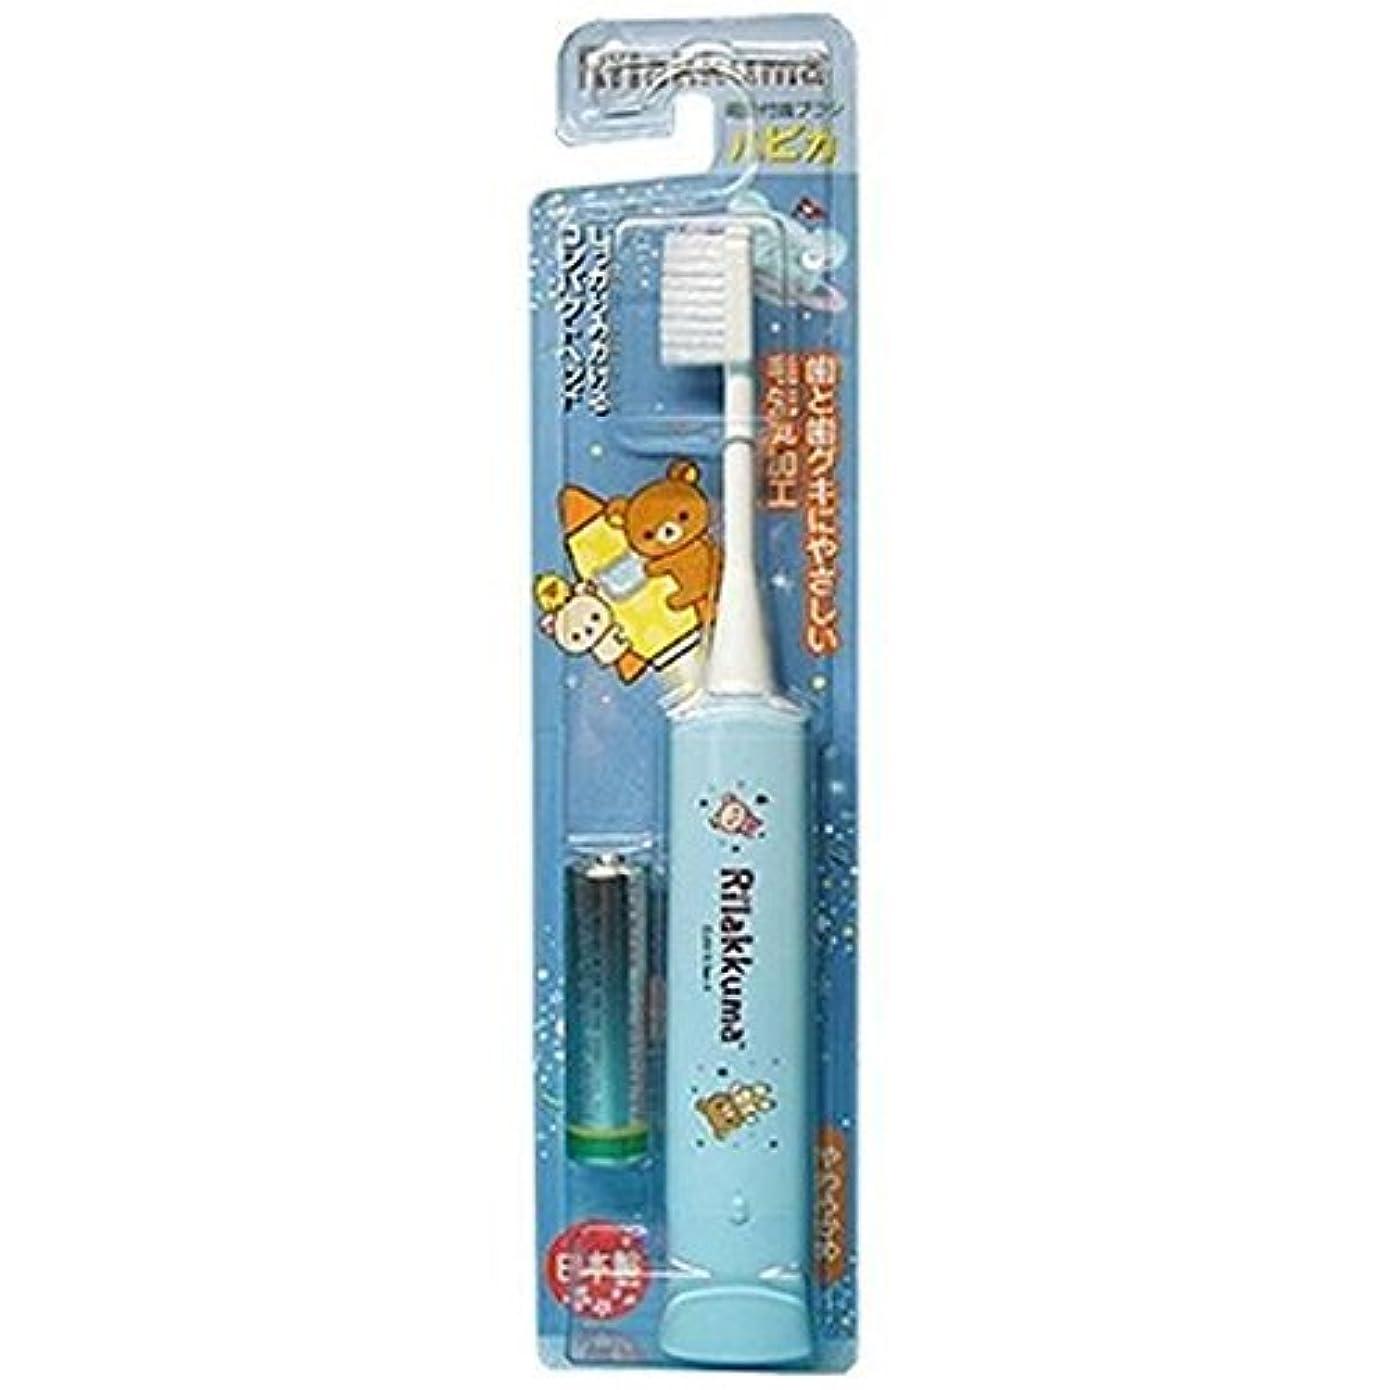 慢性的共感する昼食ミニマム 電動付歯ブラシ リラックマハピカ ブルー 毛の硬さ:やわらかめ DBM-5B(RK)